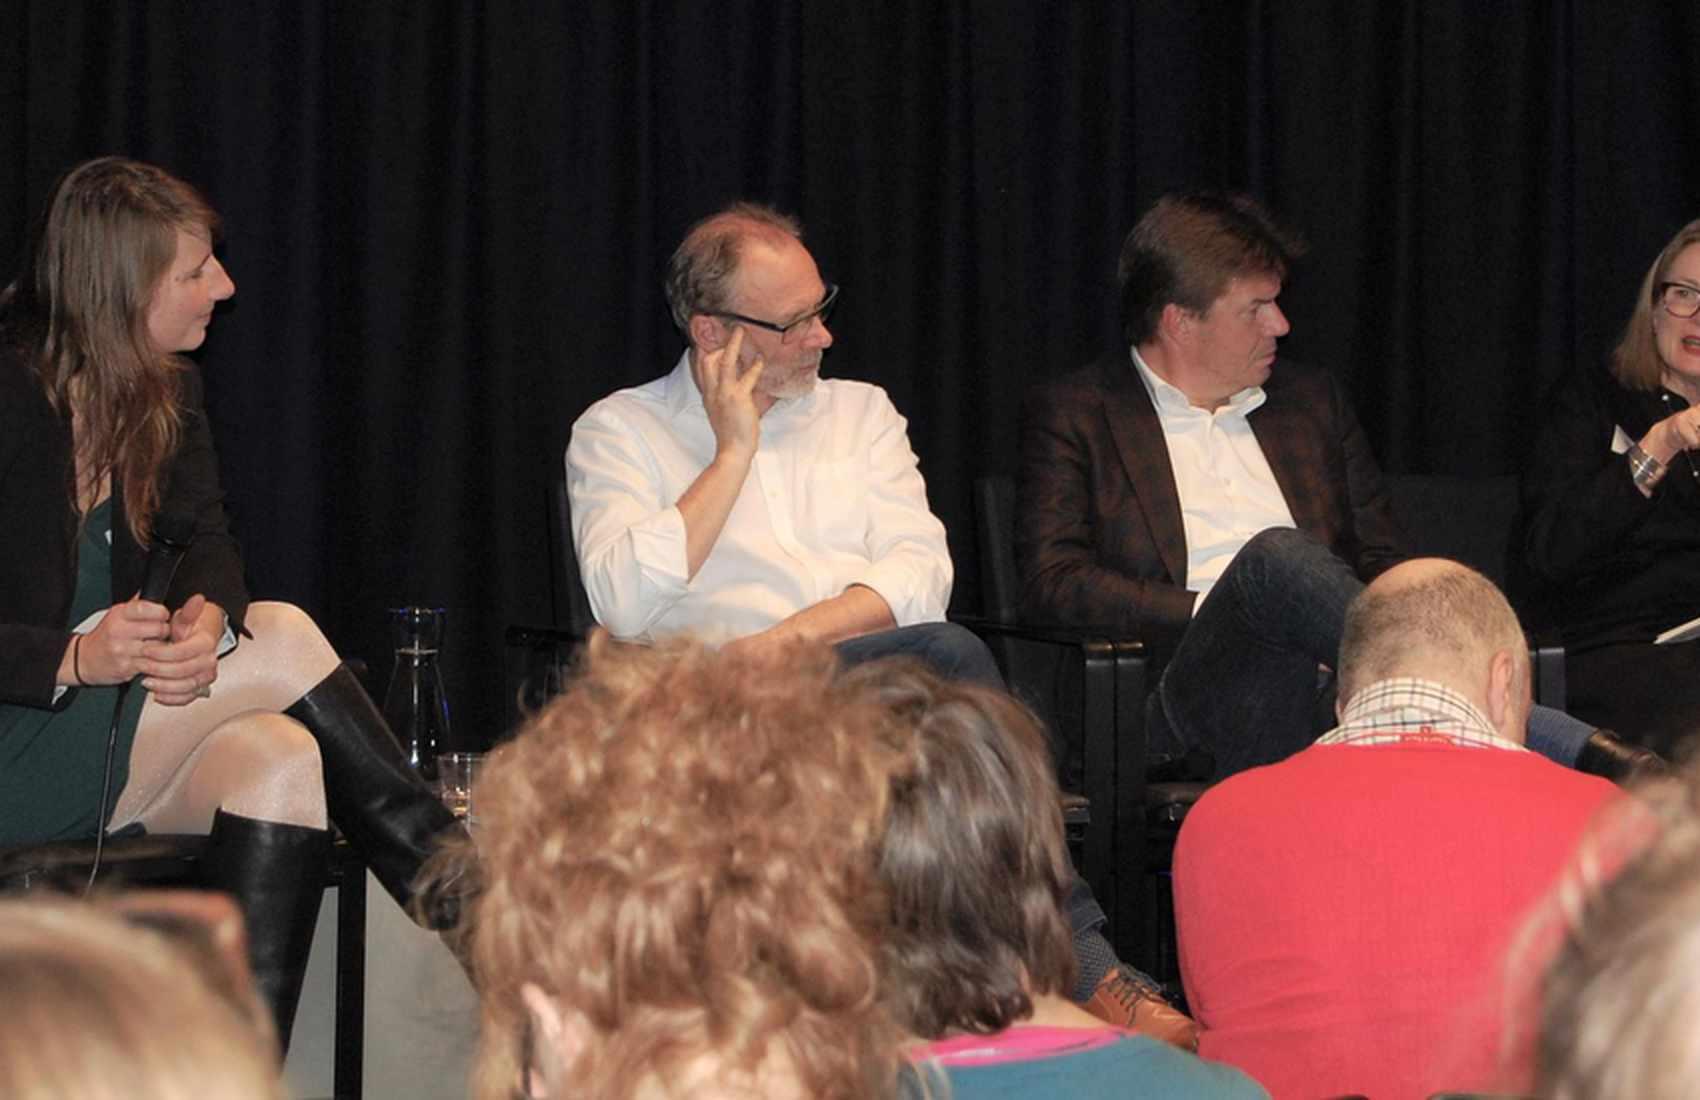 Het panel - Jill Surmont, Piet Van Avermaet, Sven Gatz, Kathleen Heugh